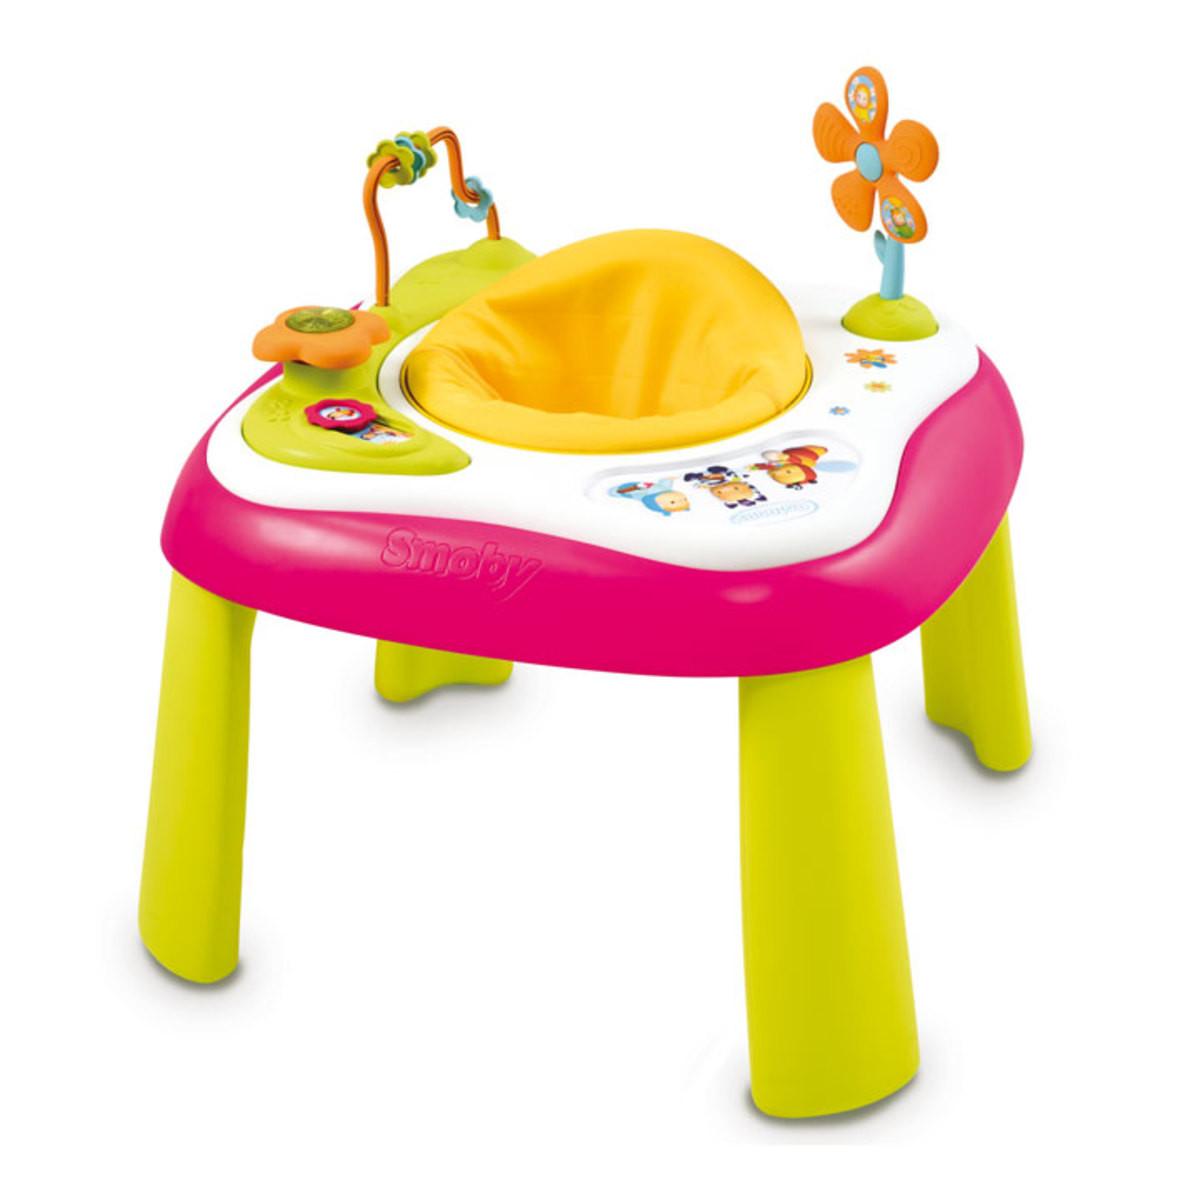 Развивающий центр столик Smoby Cotoons 110200R